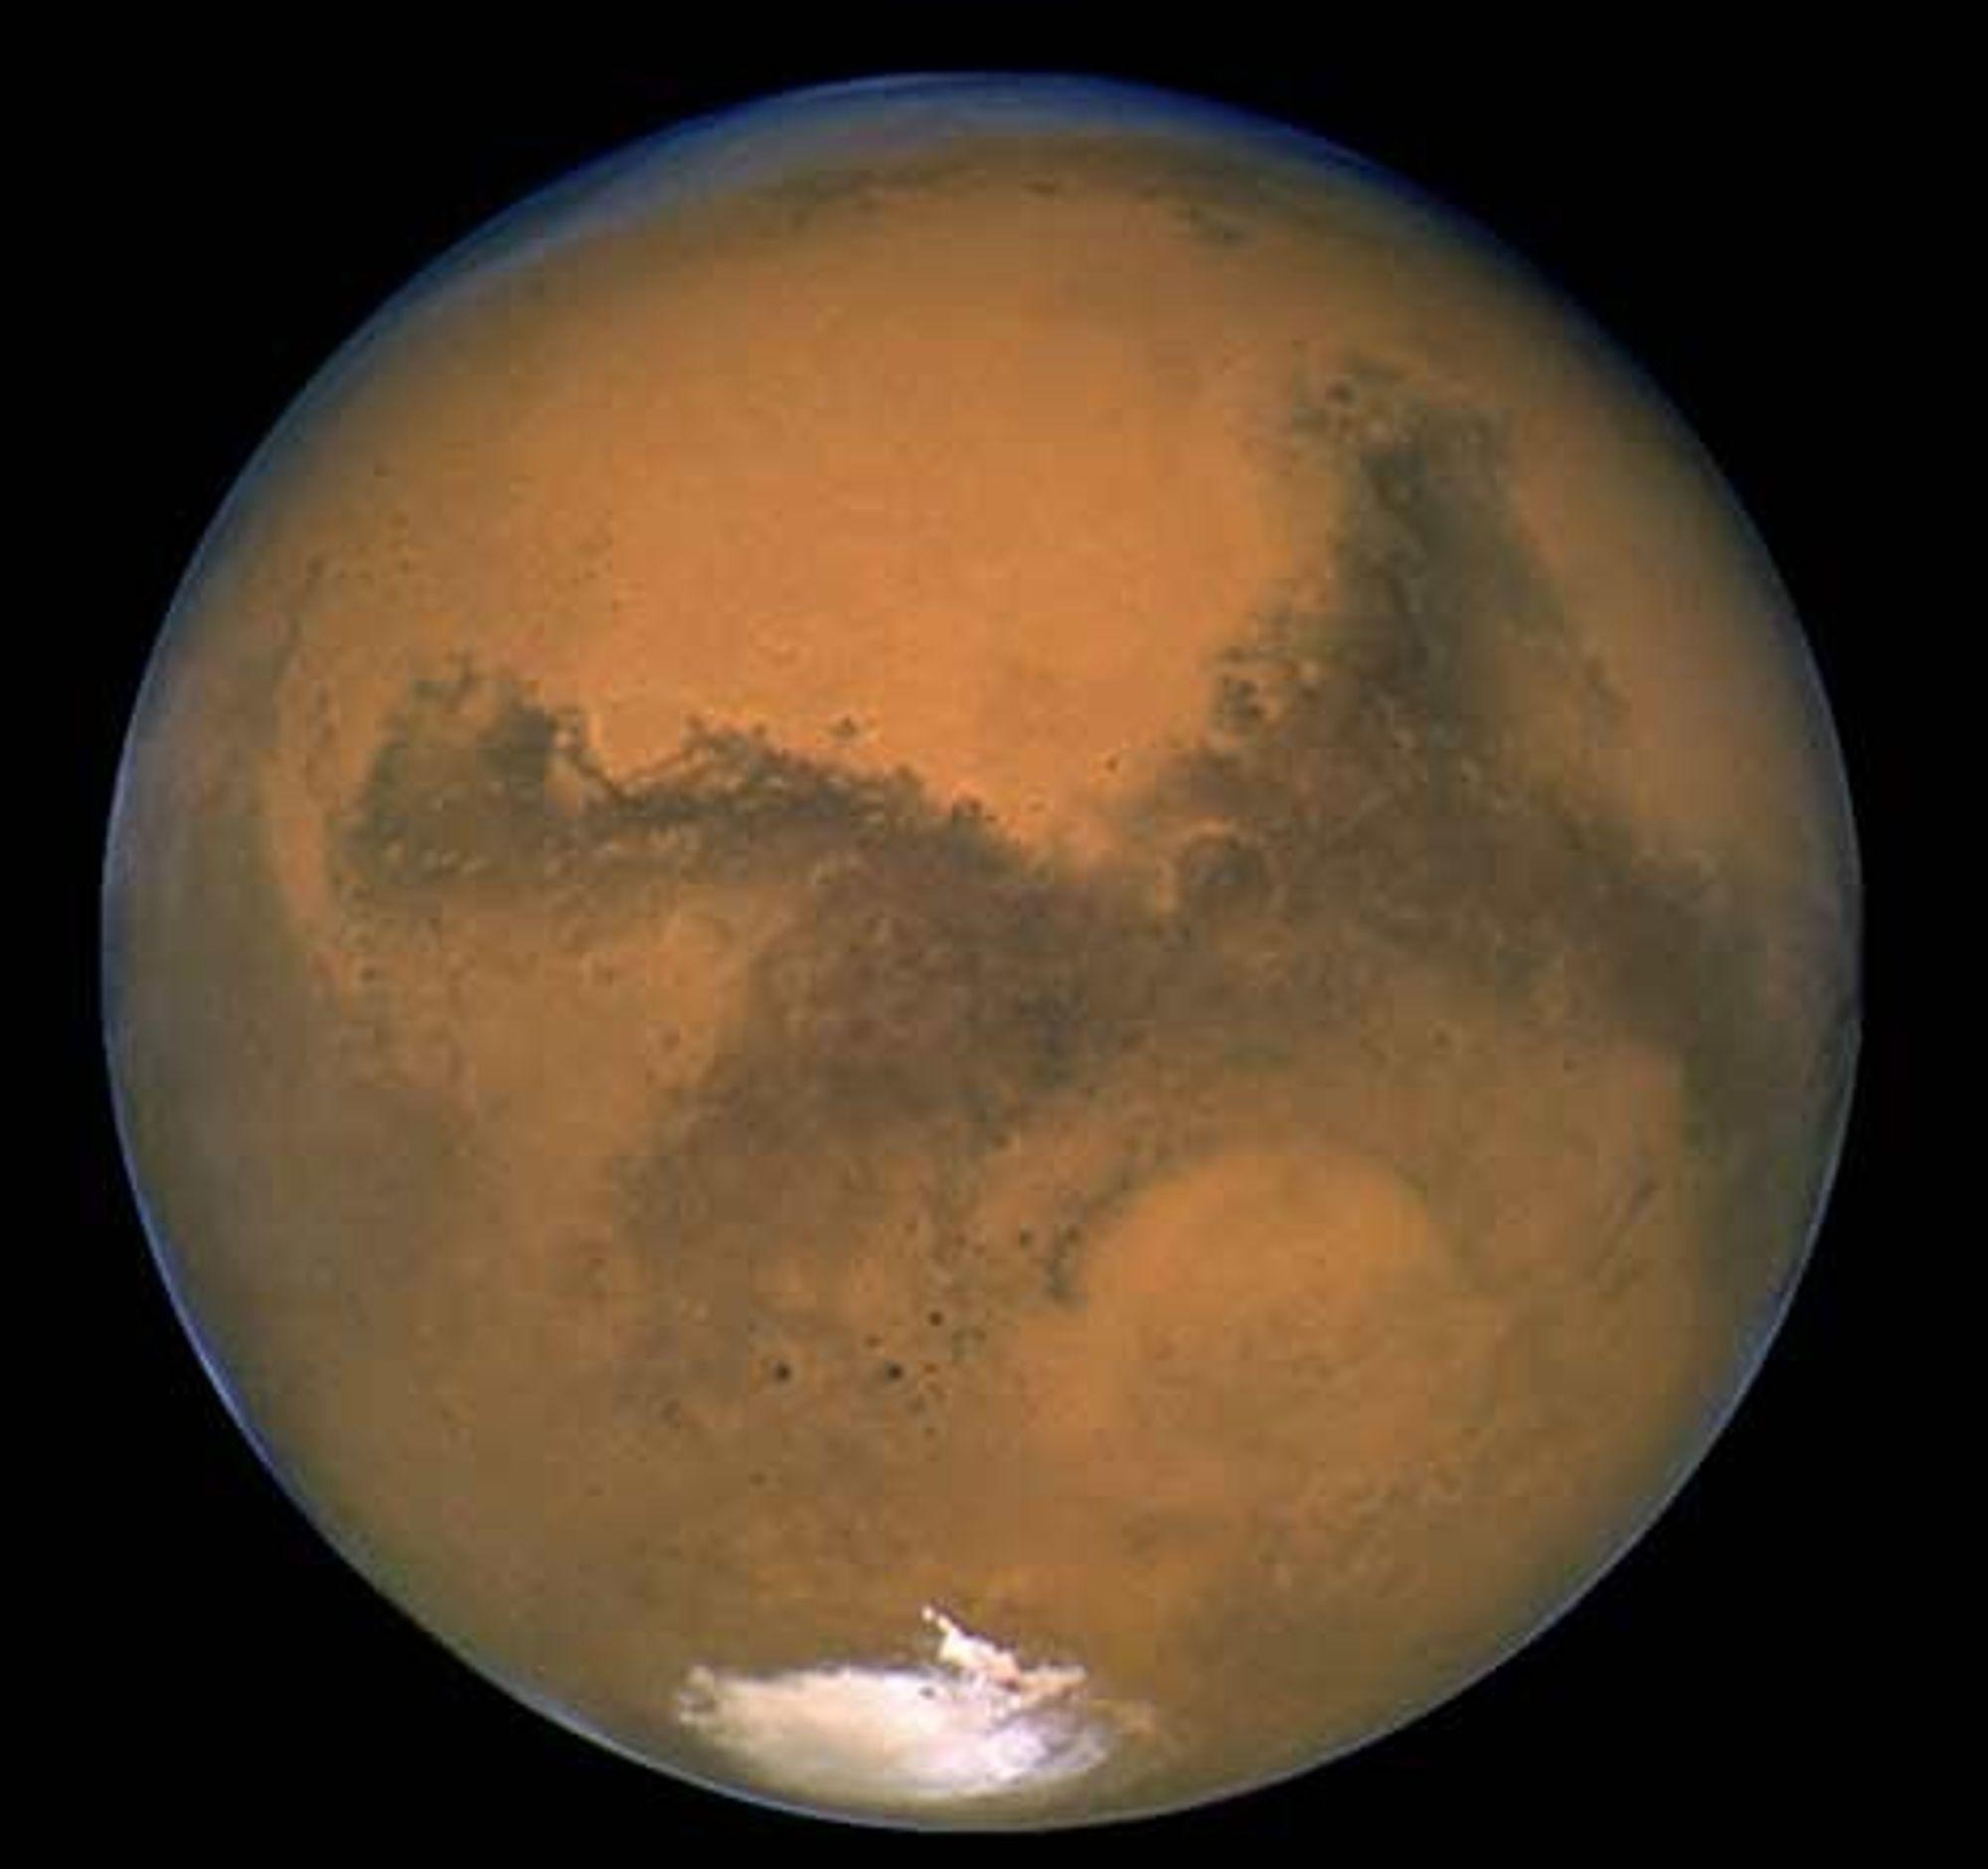 mars.jpg: Den røde planet Mars er fortsatt synlig på nattehimmelen. Der oppe er nå to robotbiler i gang med å lete etter vann. Foto: NASA/STScI